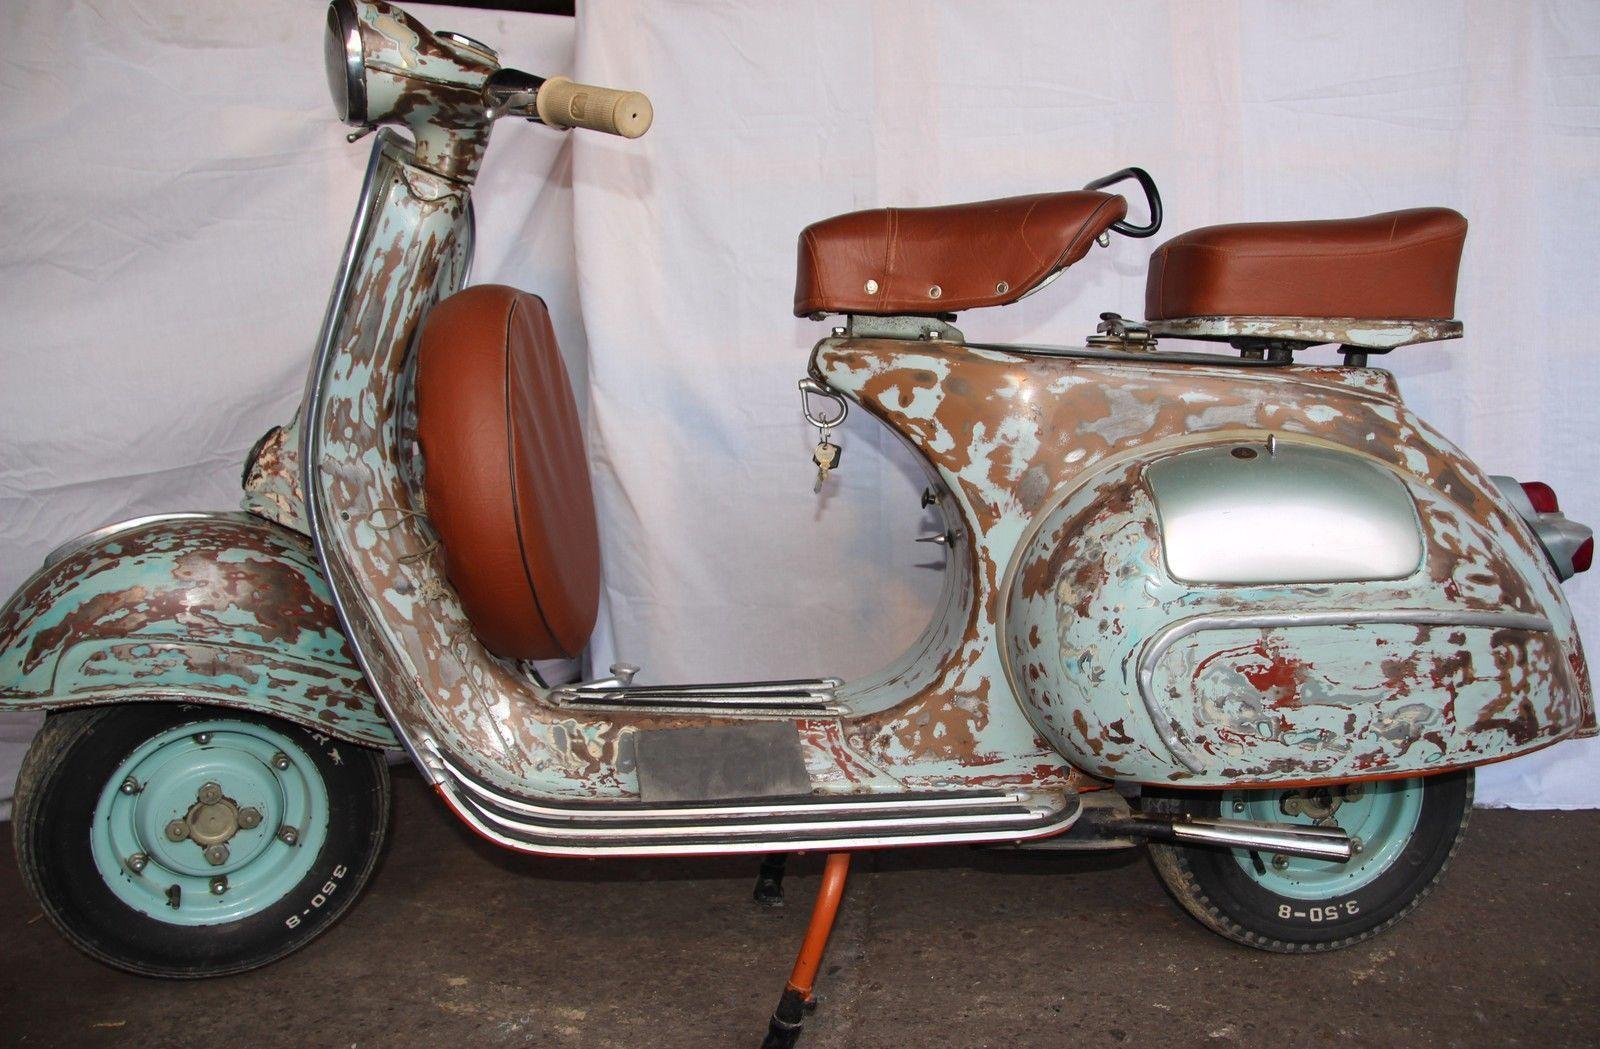 http://www.ebay.co.uk/itm/1961-Vintage-Vespa-125cc-Motor-for-sale ...